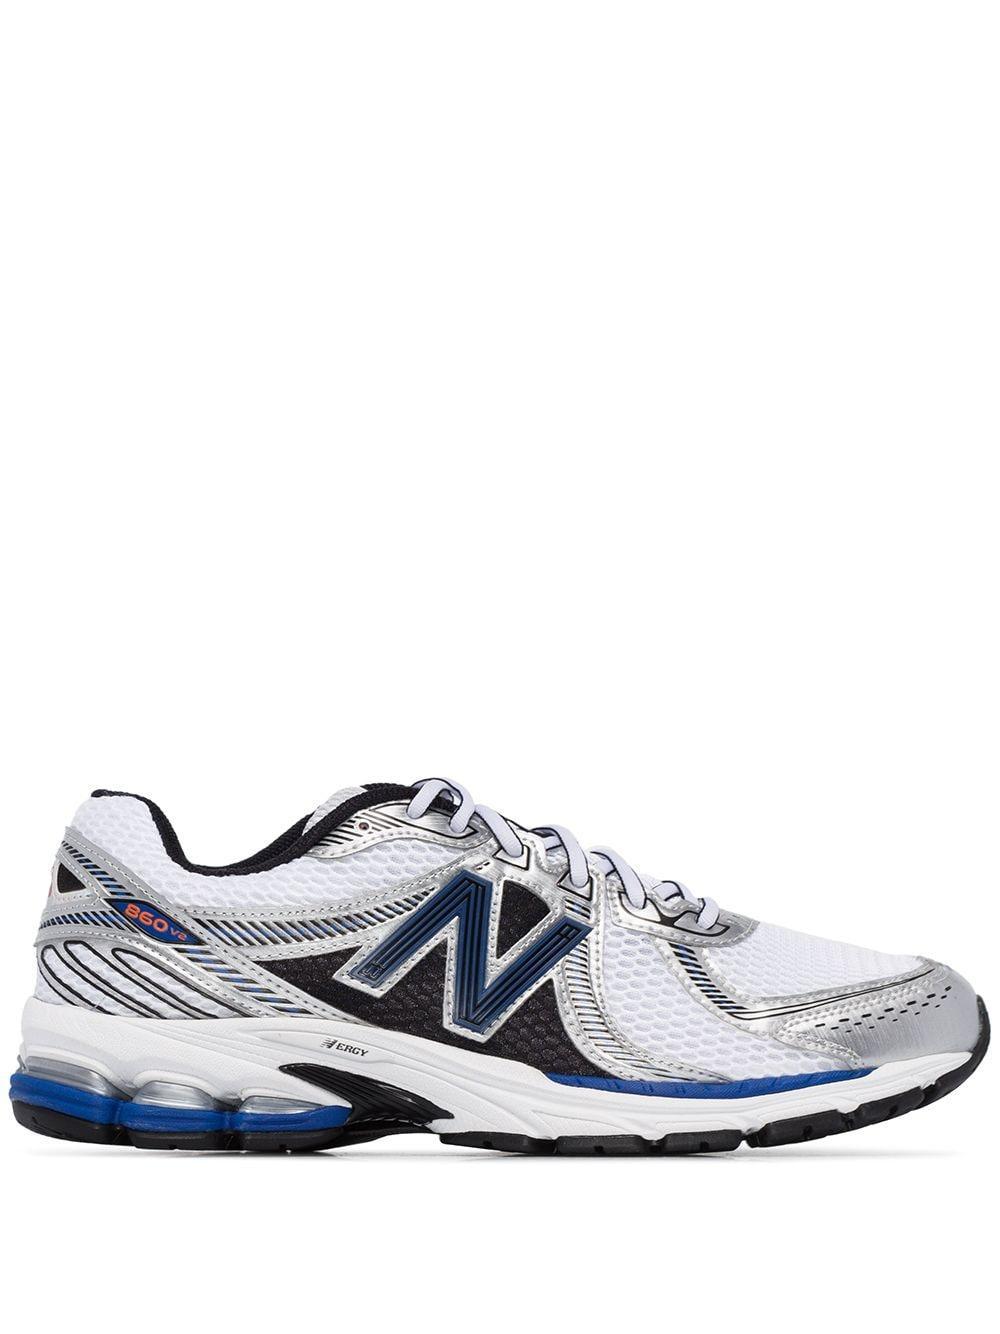 New Balance White 860 V2 Sneakers for Men - Lyst